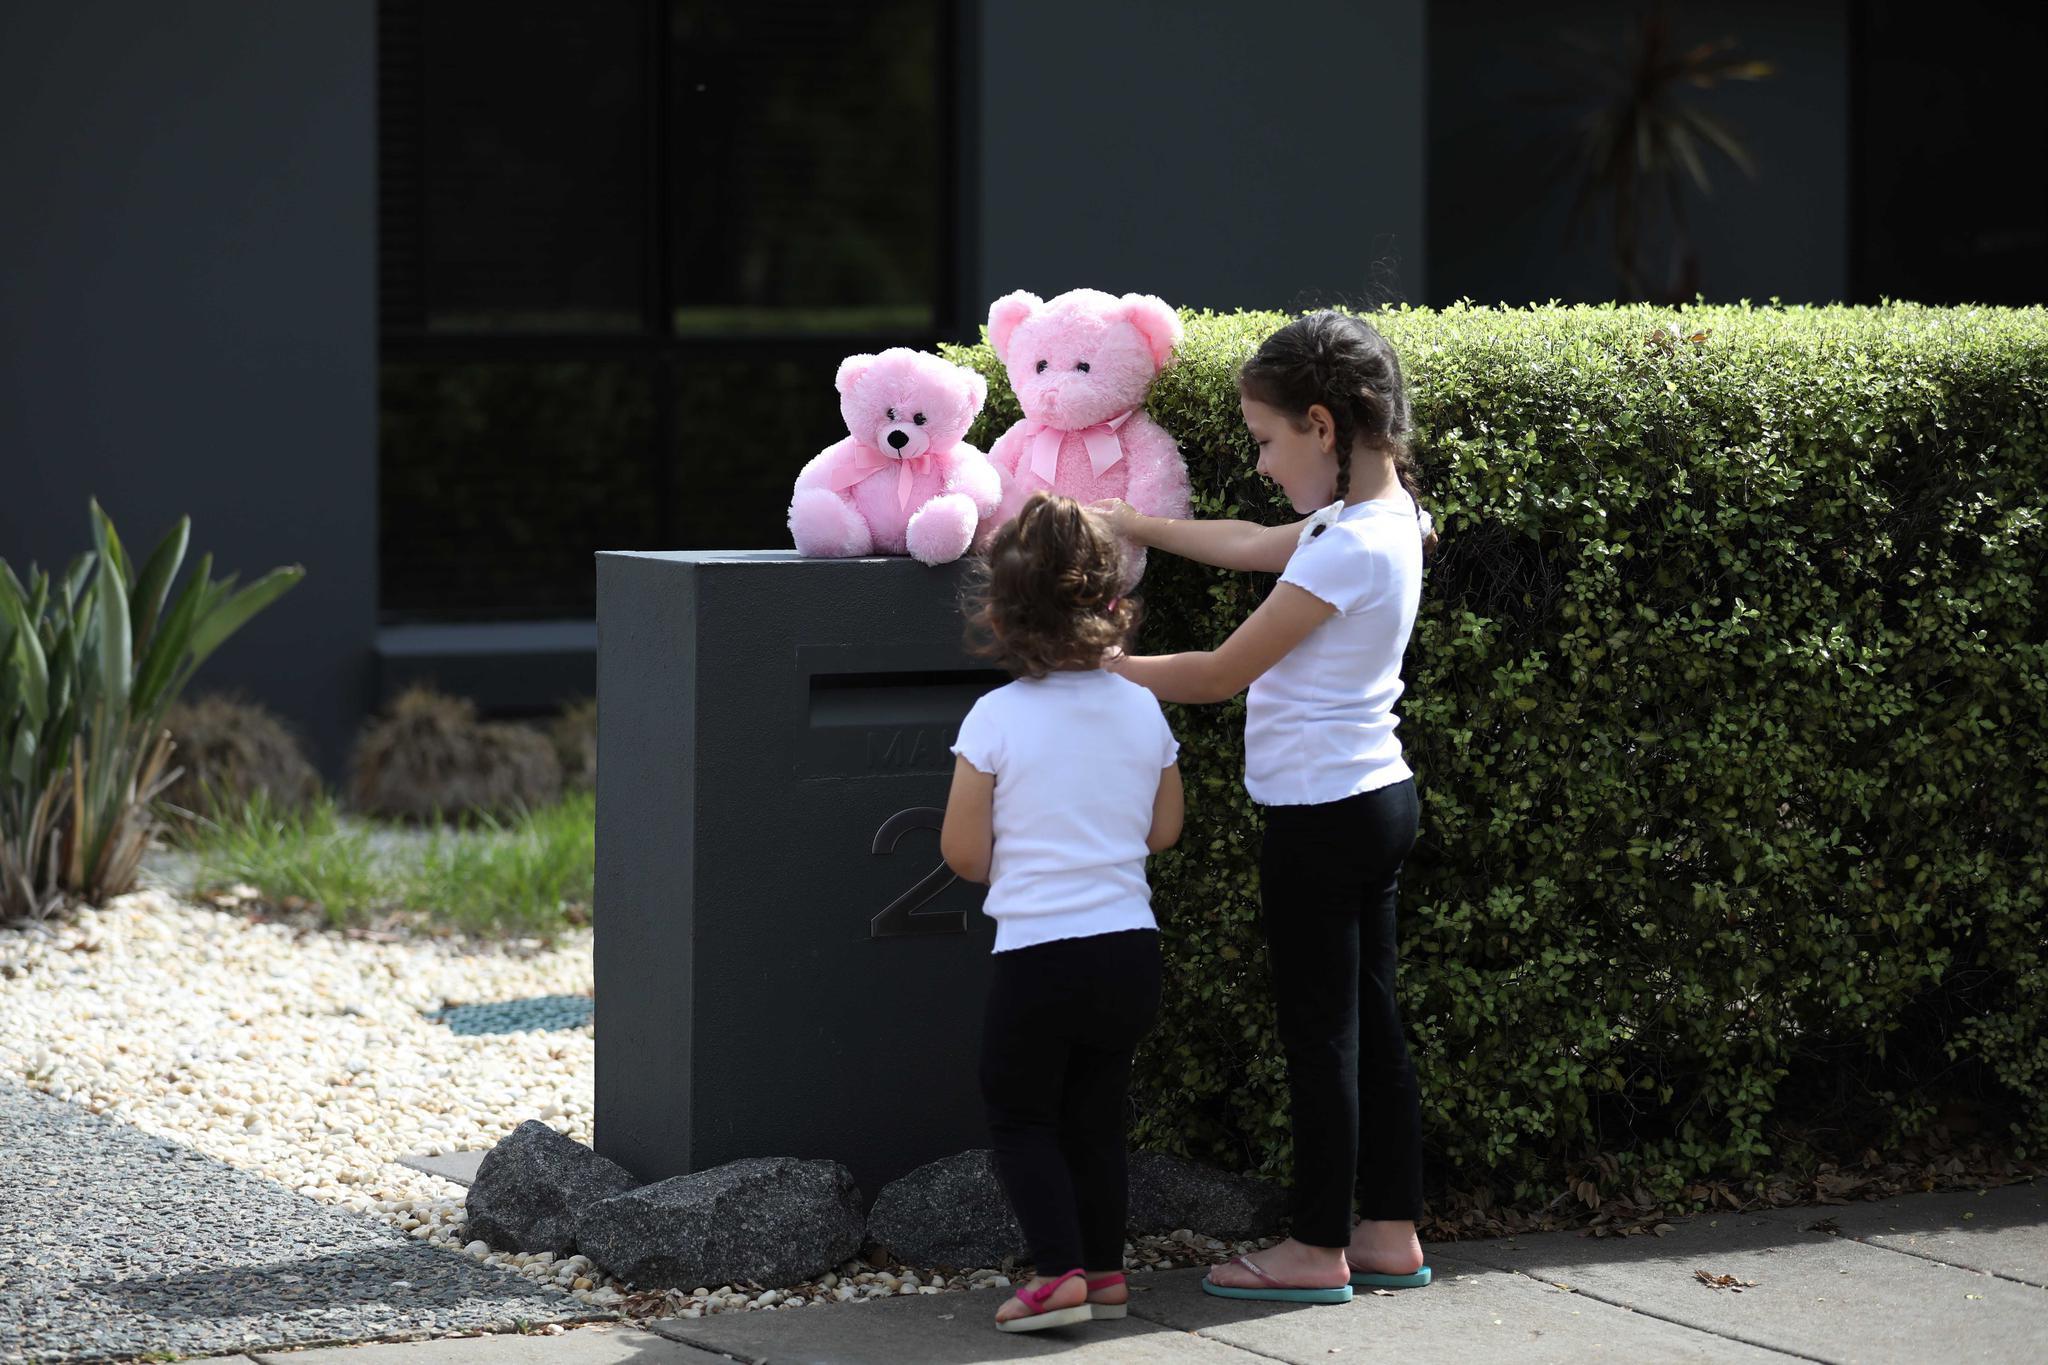 """疫情中带给孩子们的惊喜——澳大利亚疫区街头的""""偶遇小熊"""""""